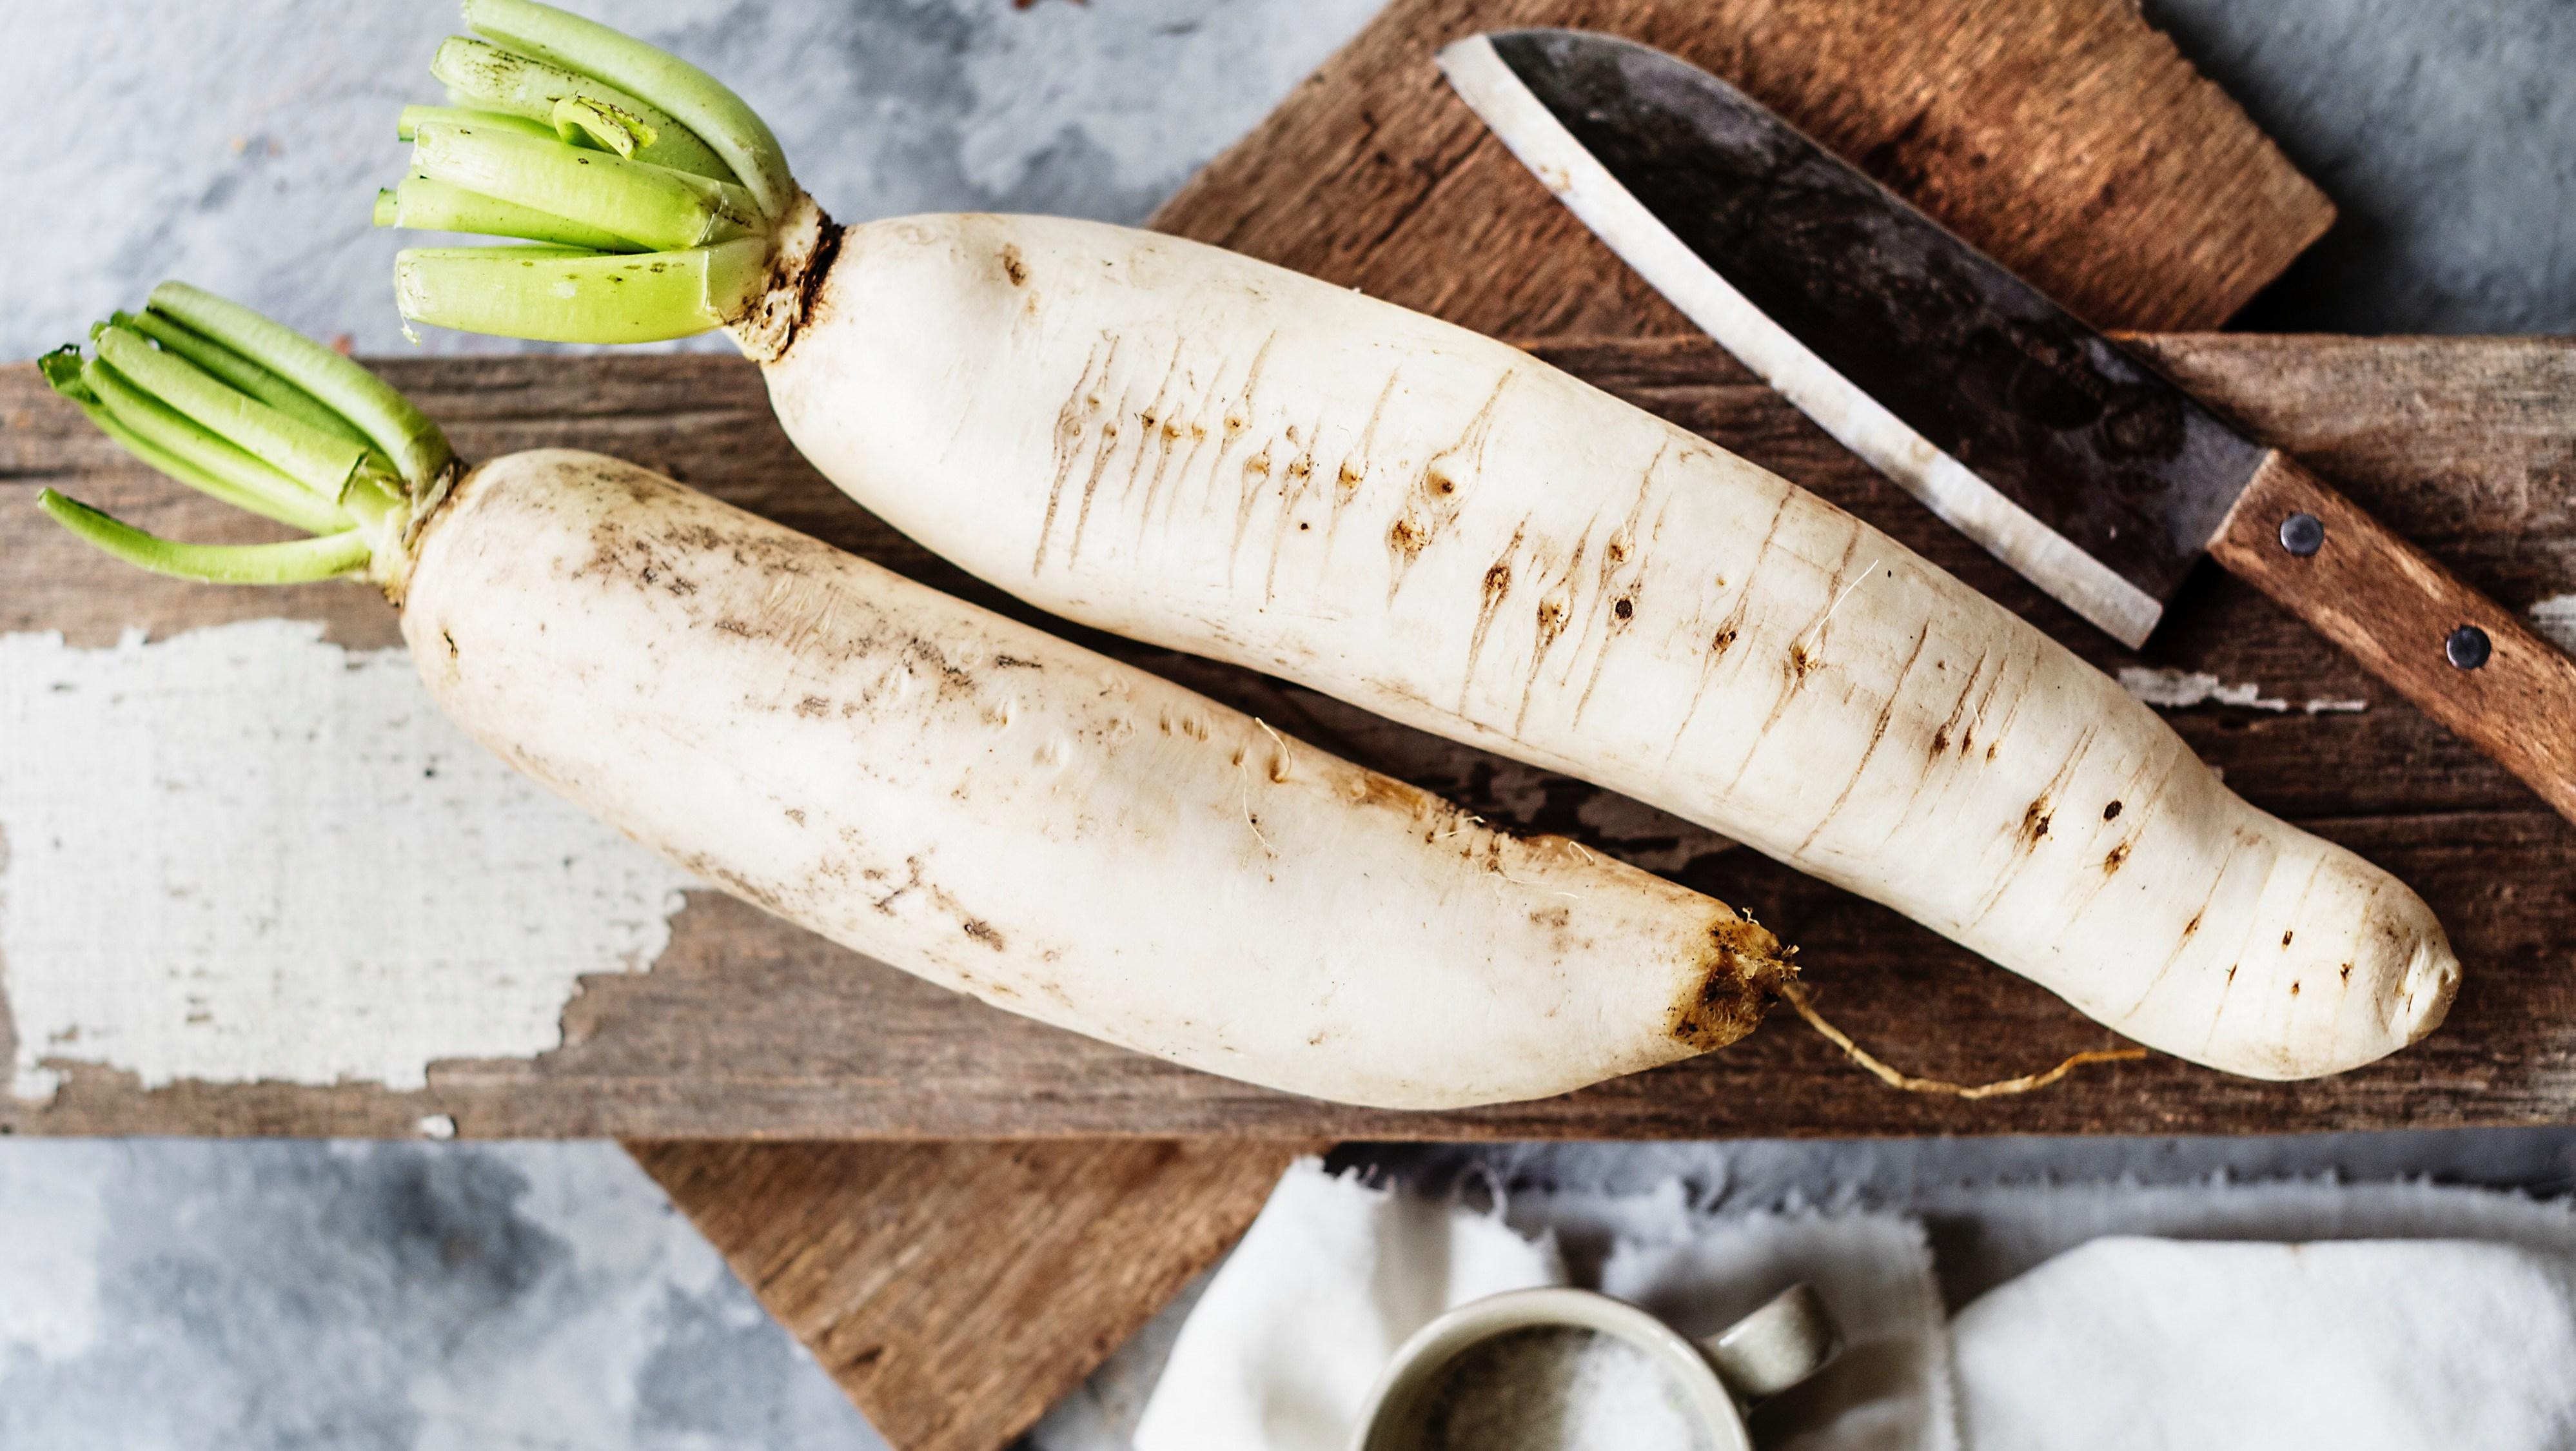 legumes racines - Tendances food de quoi va-t-on parler en 2019?